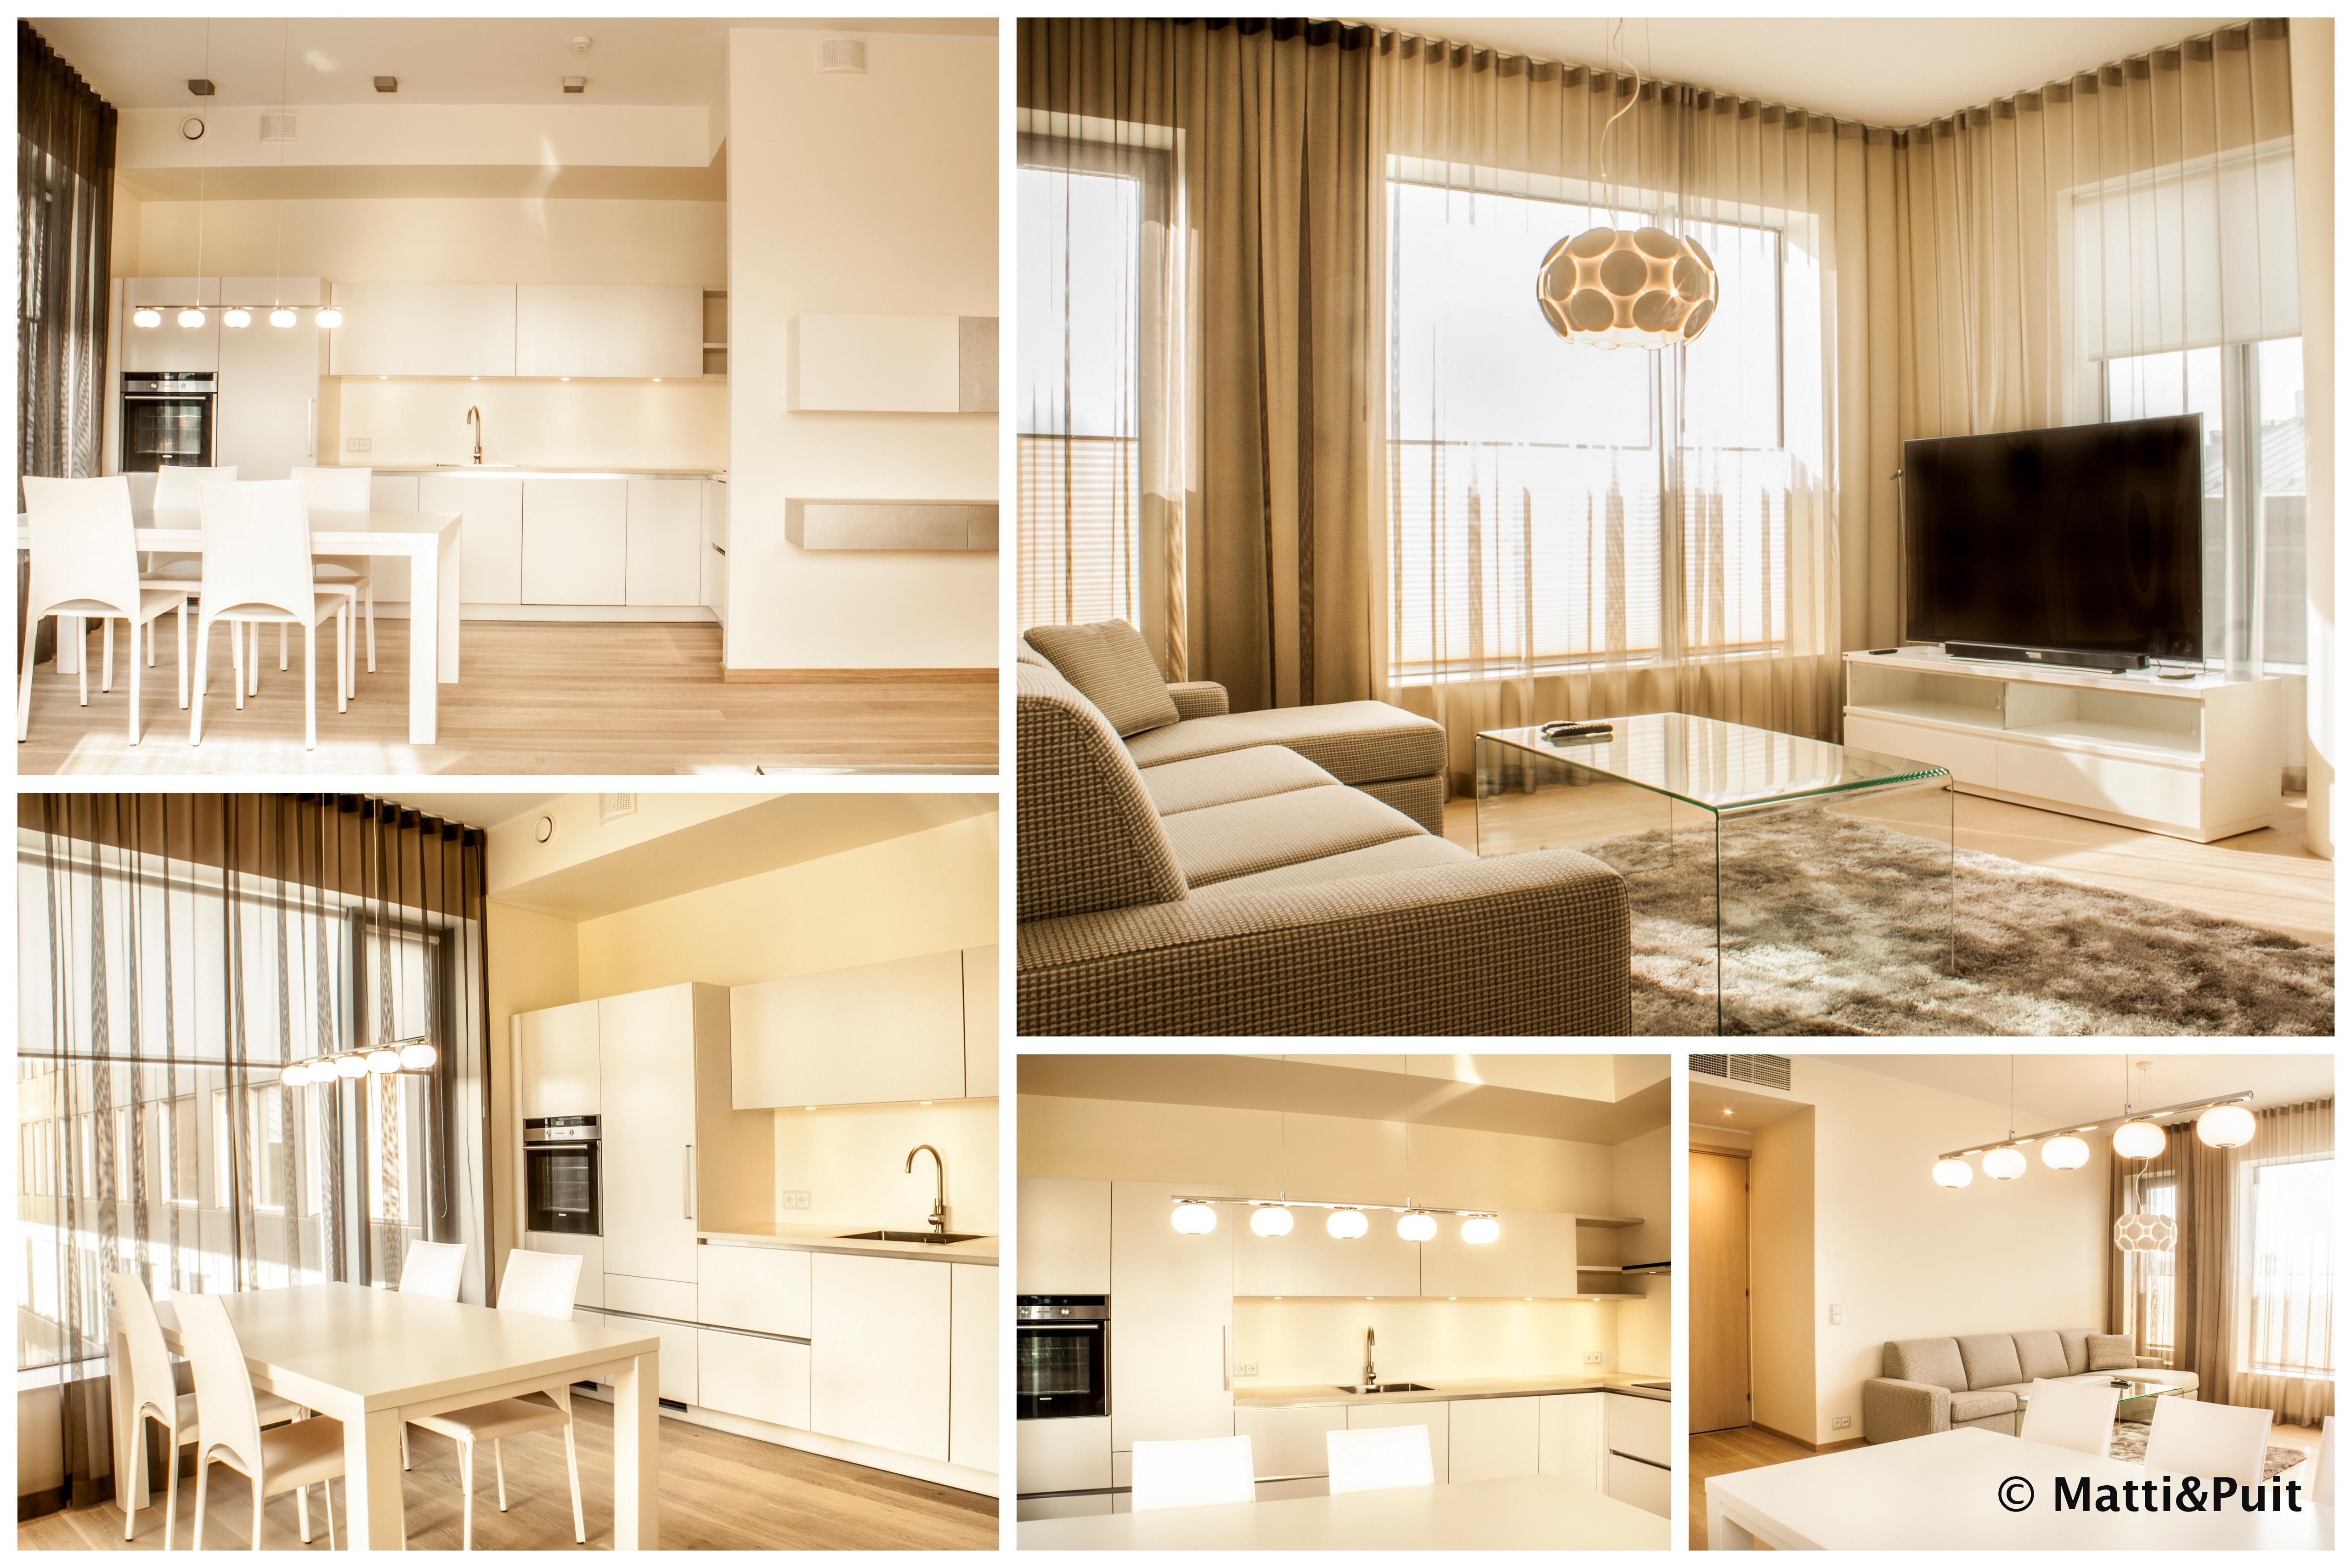 Modernse korteri sisustus, mattipuit.ee